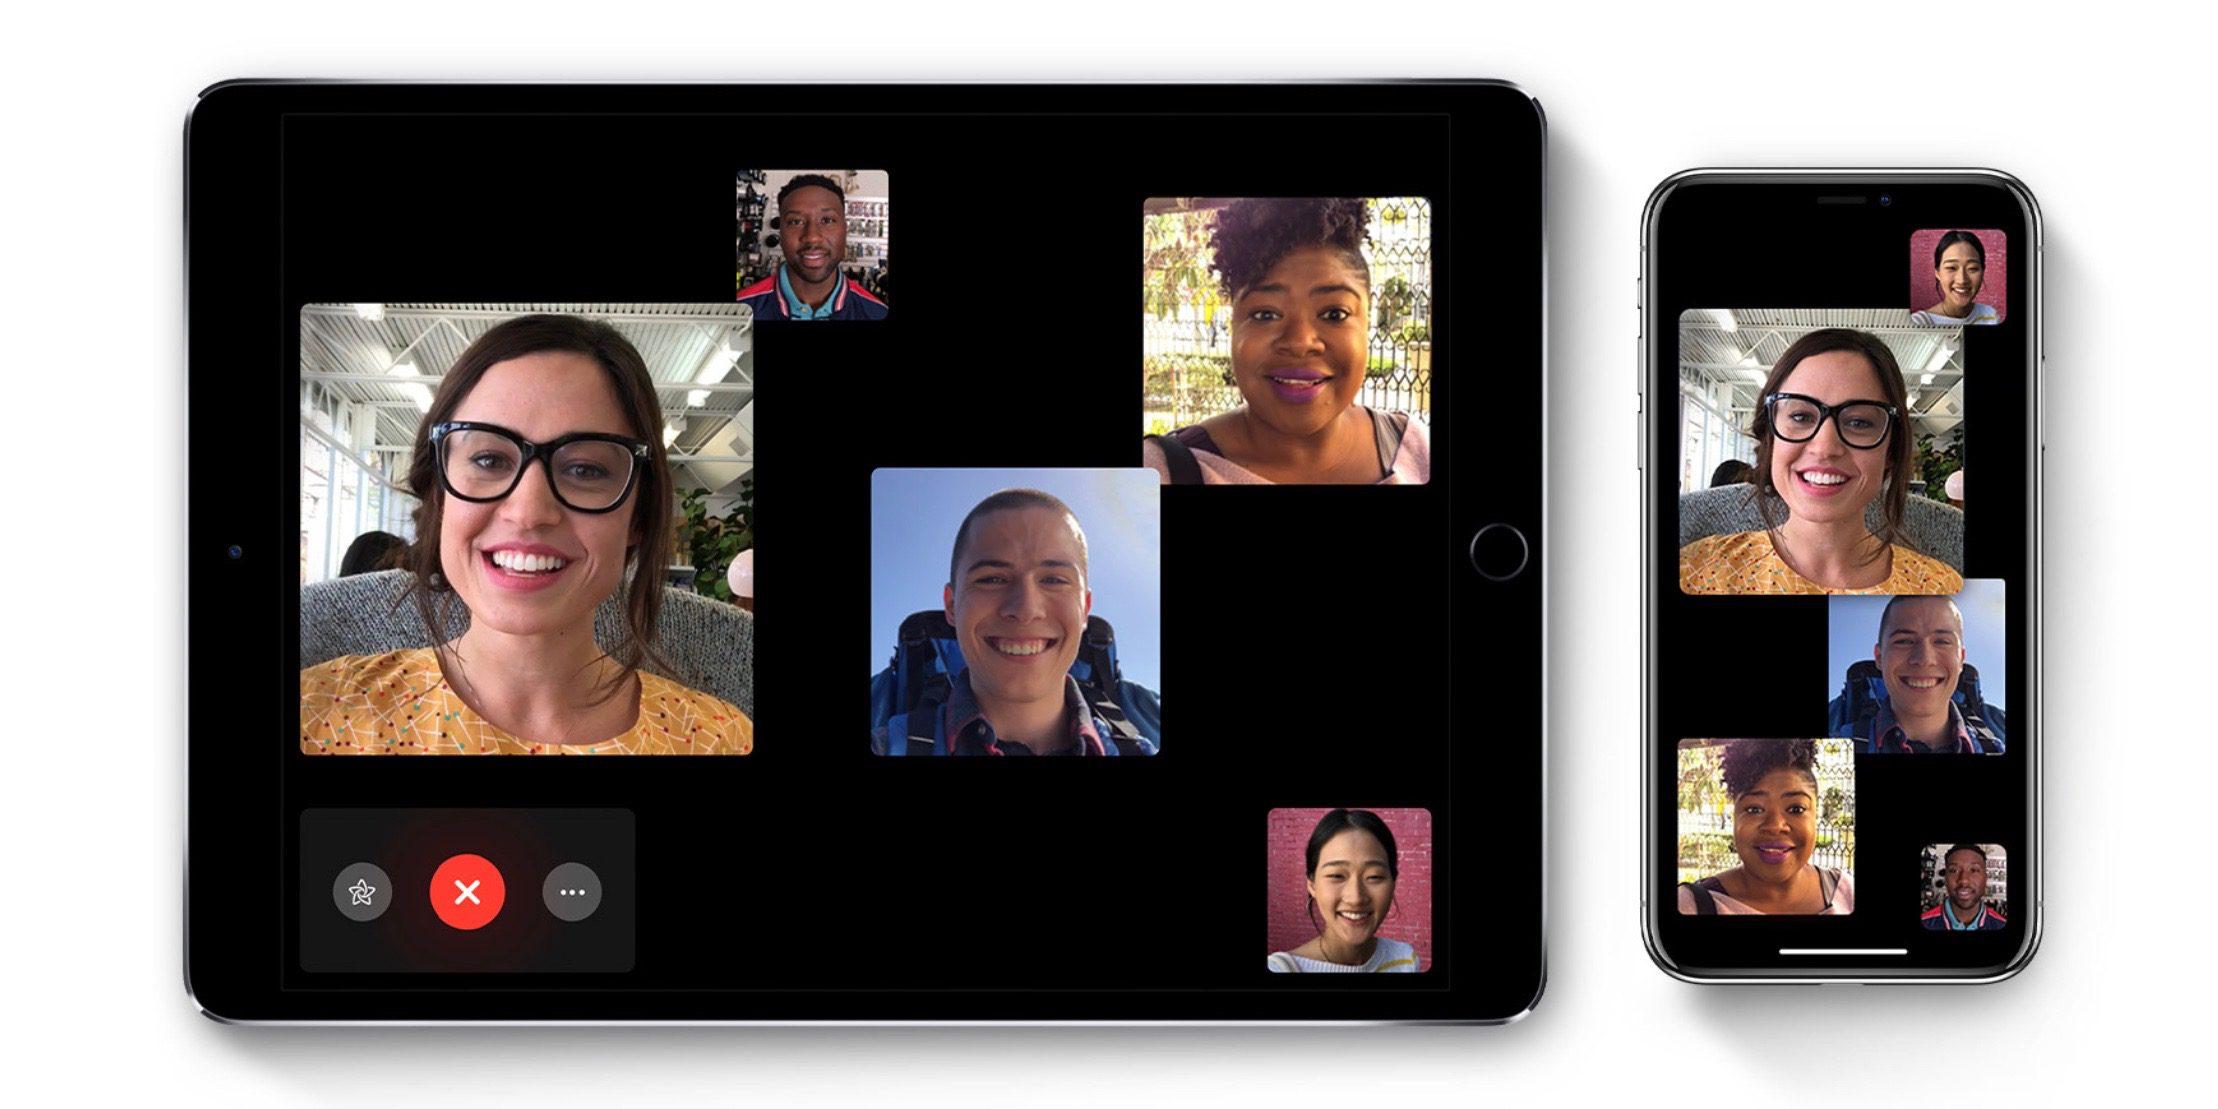 Apple désactive les appels FaceTime de groupe : on pouvait espionner ses contacts 1